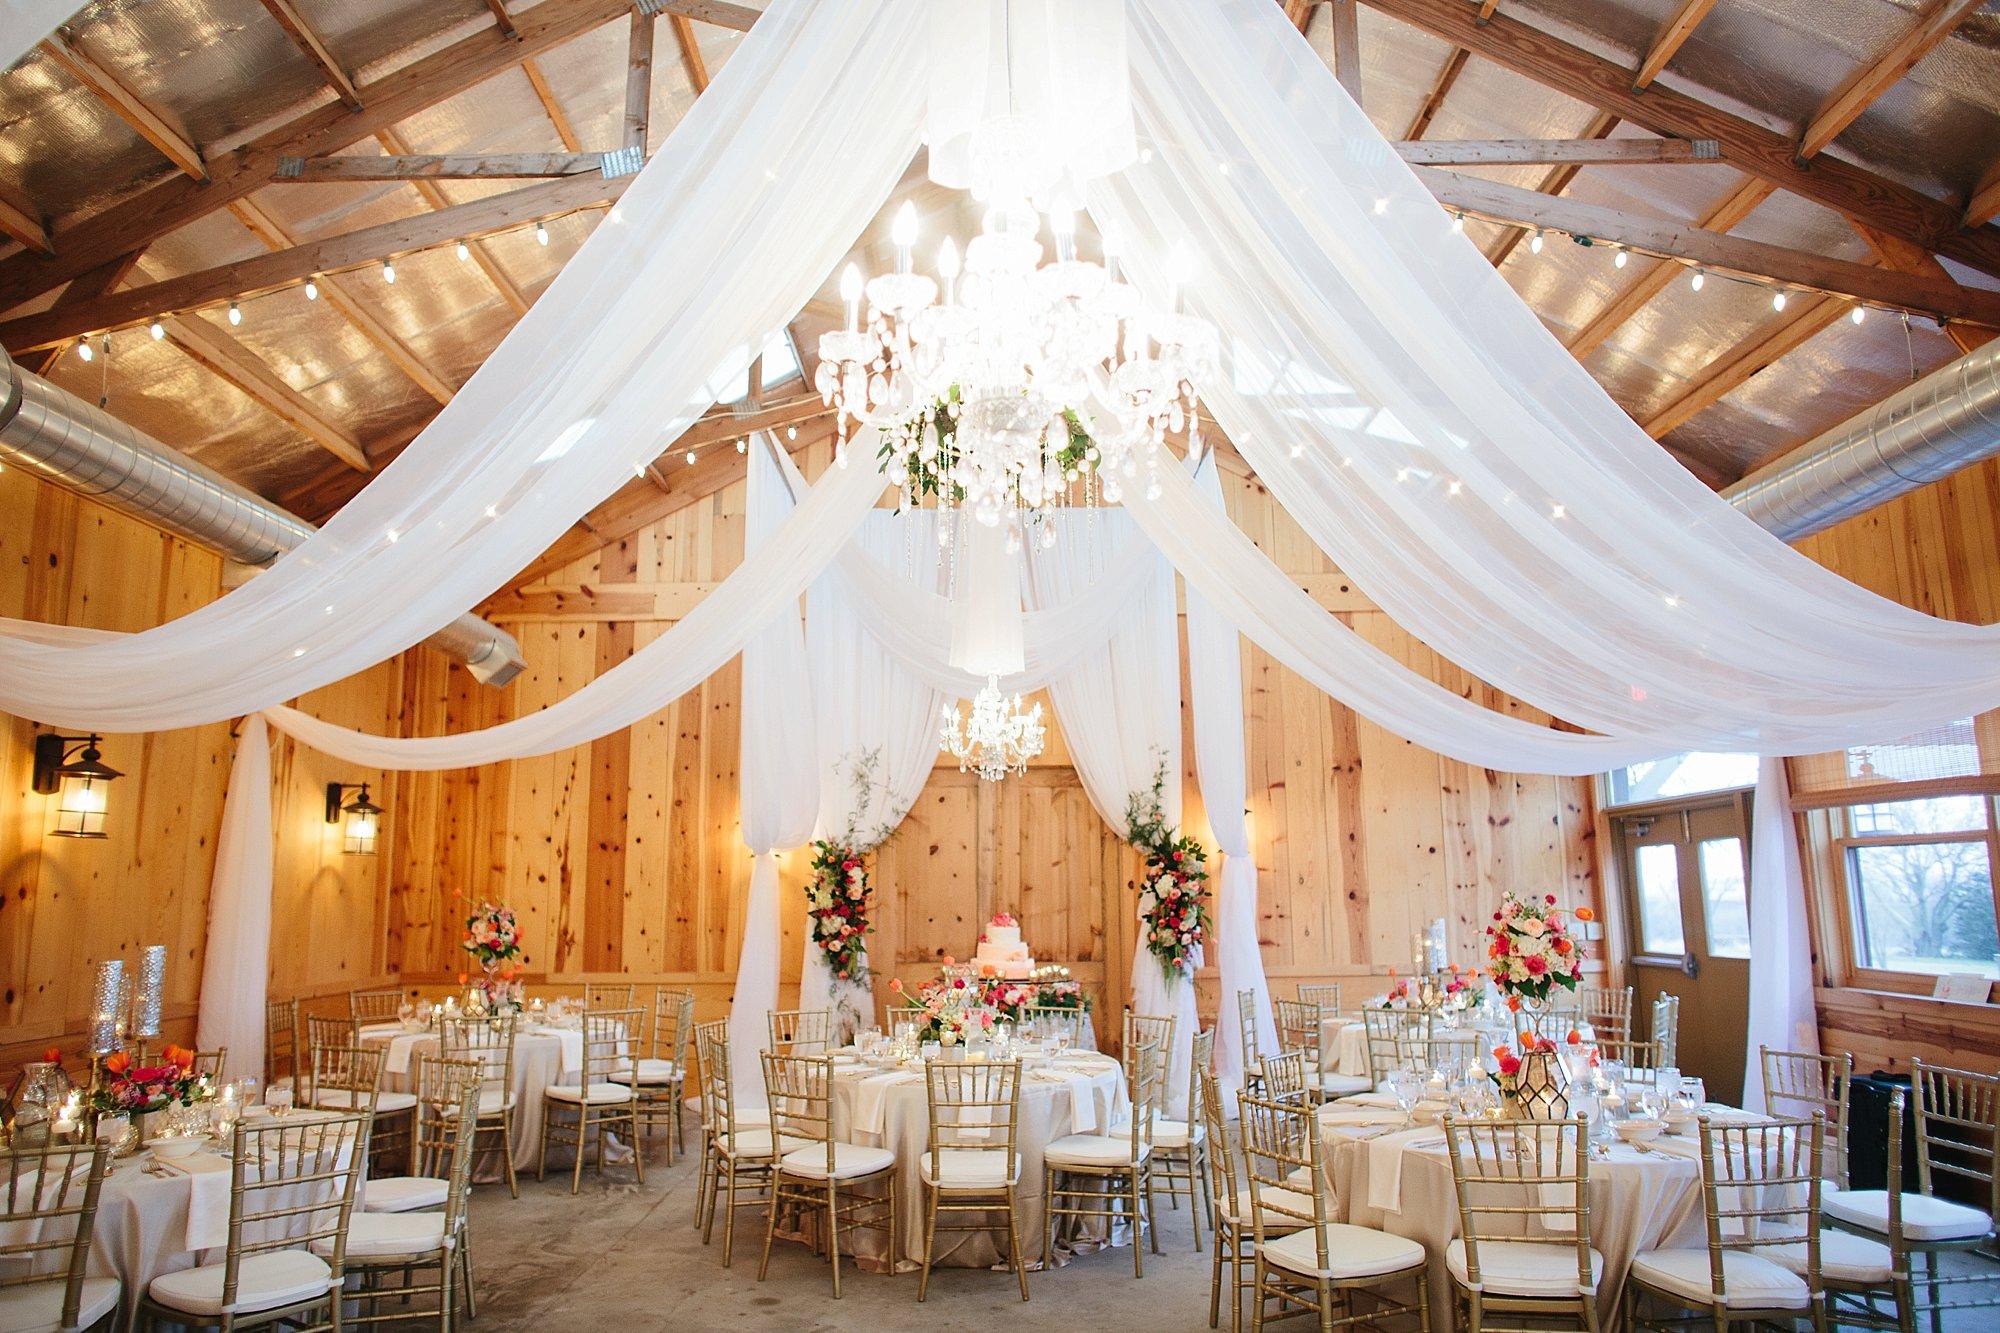 The Leekers Wedding Photography